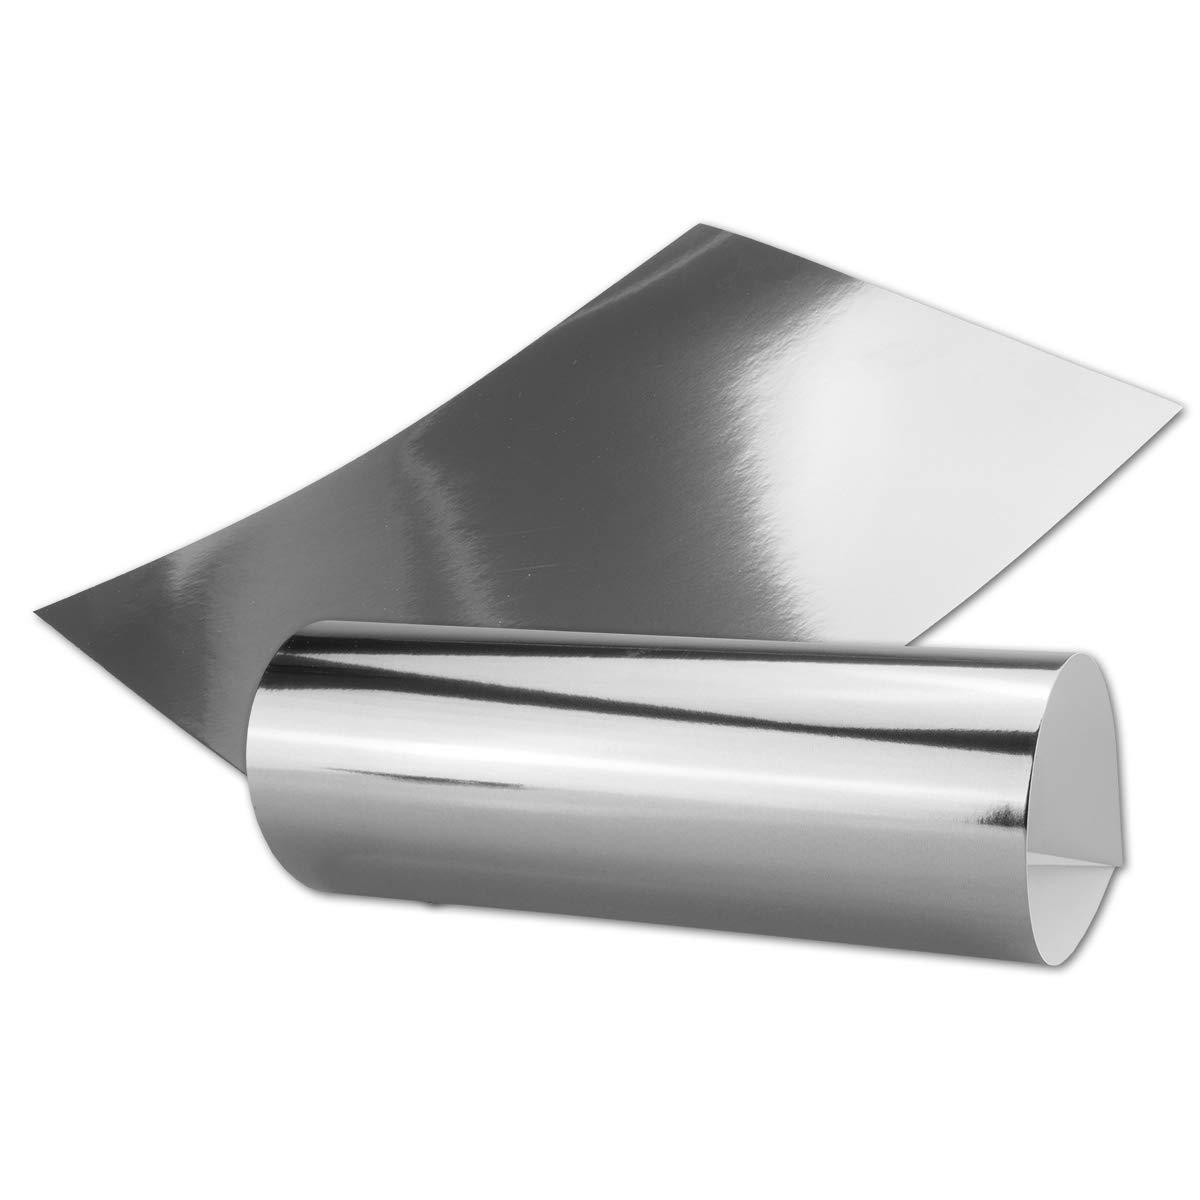 Silber Metall Spiegel Papier Papier Papier   50er-Set   Blanko glänzendes metallic Papier, spiegelnd silber   Rückseite Weiß und Bedruckbar   DIN A4 210 x 295 mm  in hochwertiger Geschenkschachtel Aufbewahrungsbox B07PJR2L73 | Öffnen Sie das Interesse u b2ac3b